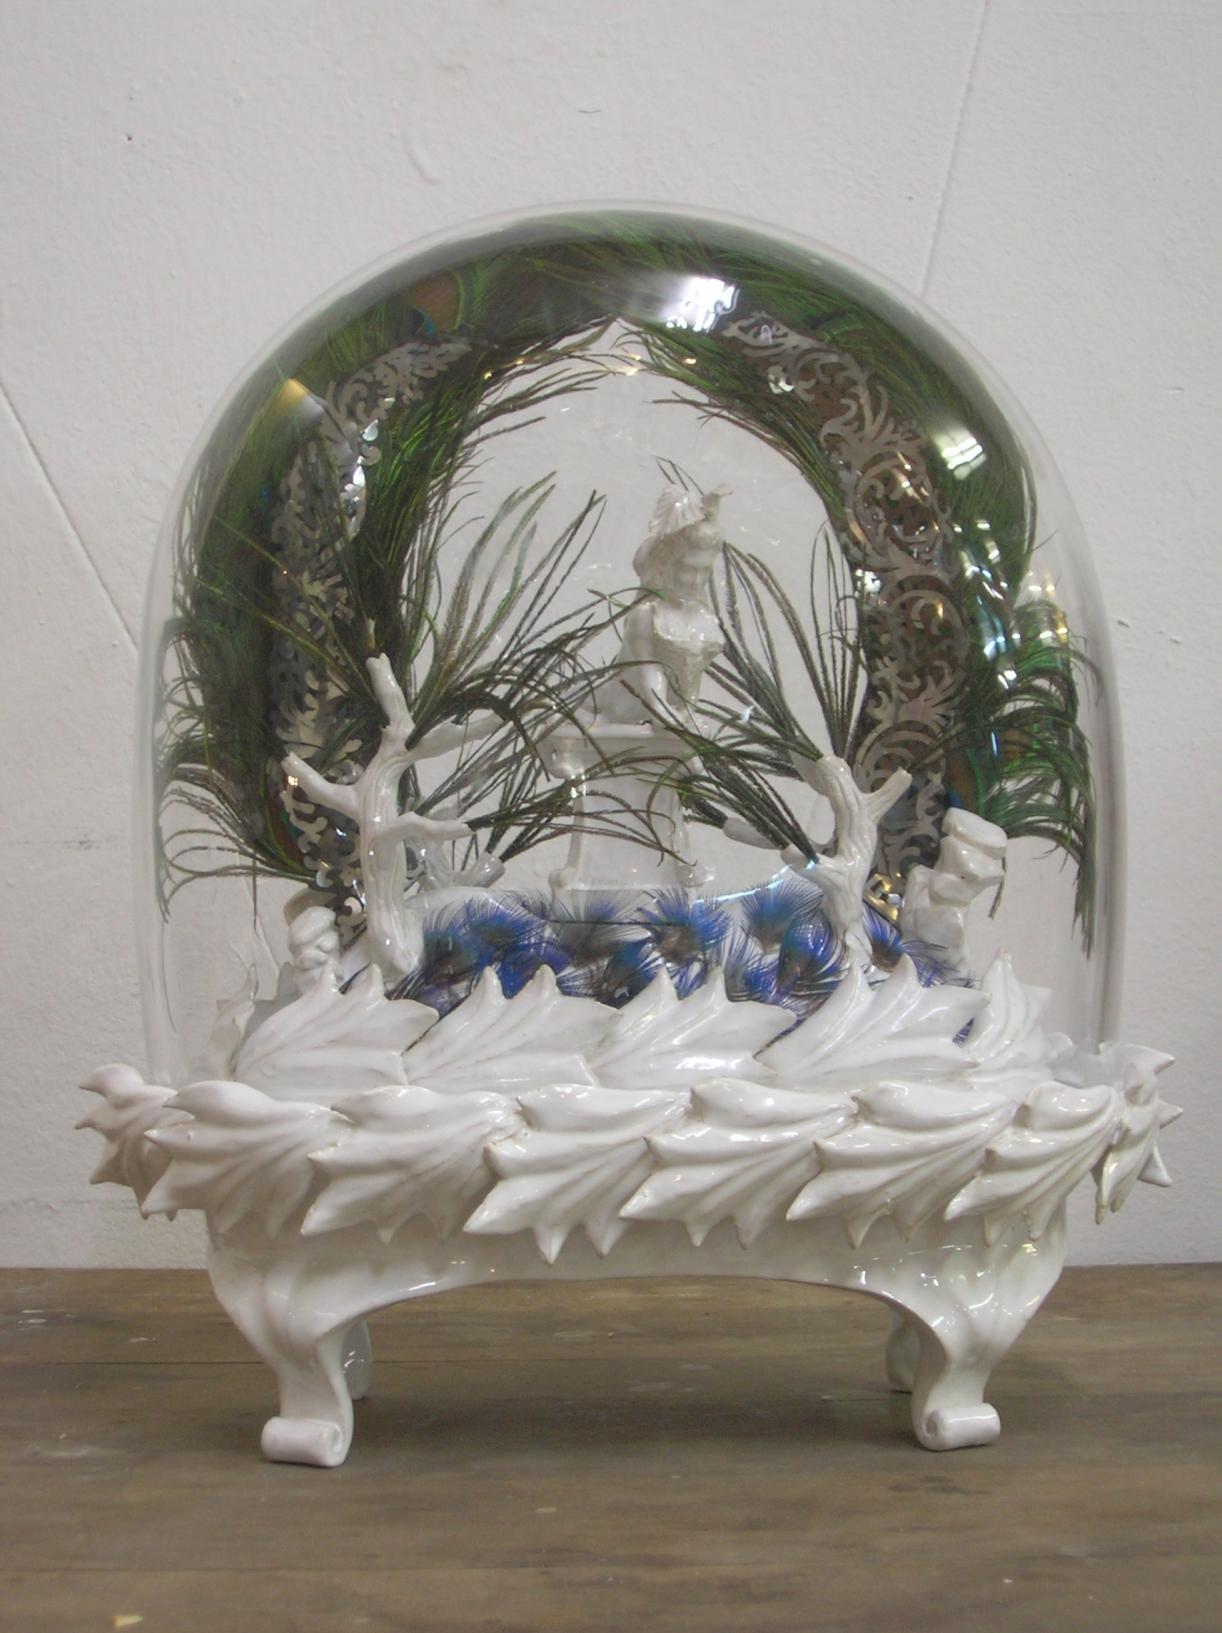 Moritz Altmann, Laurende Spynx, 2008, mixed media